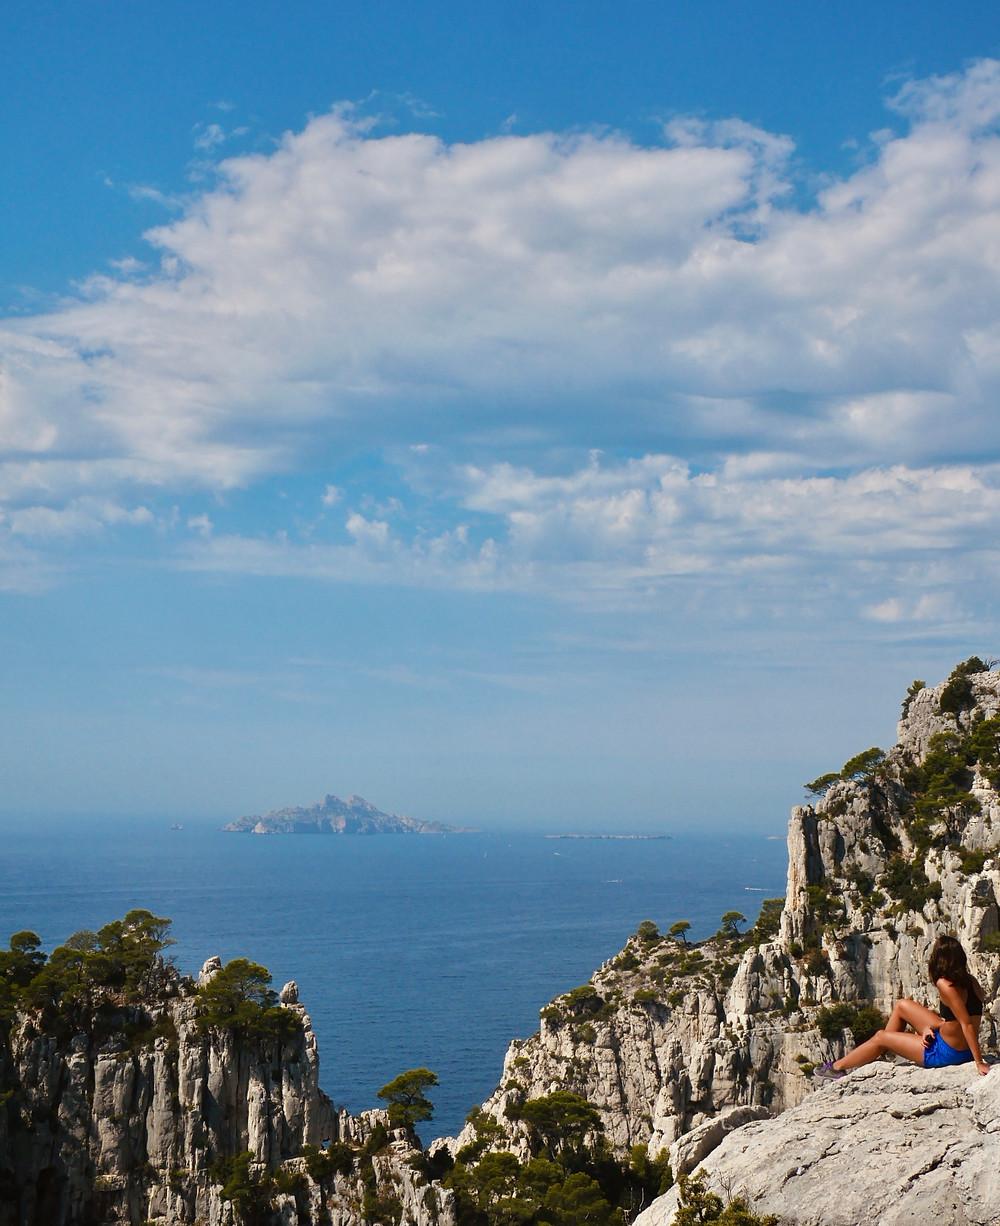 Vue sur la Méditerranée et l'île de Riou